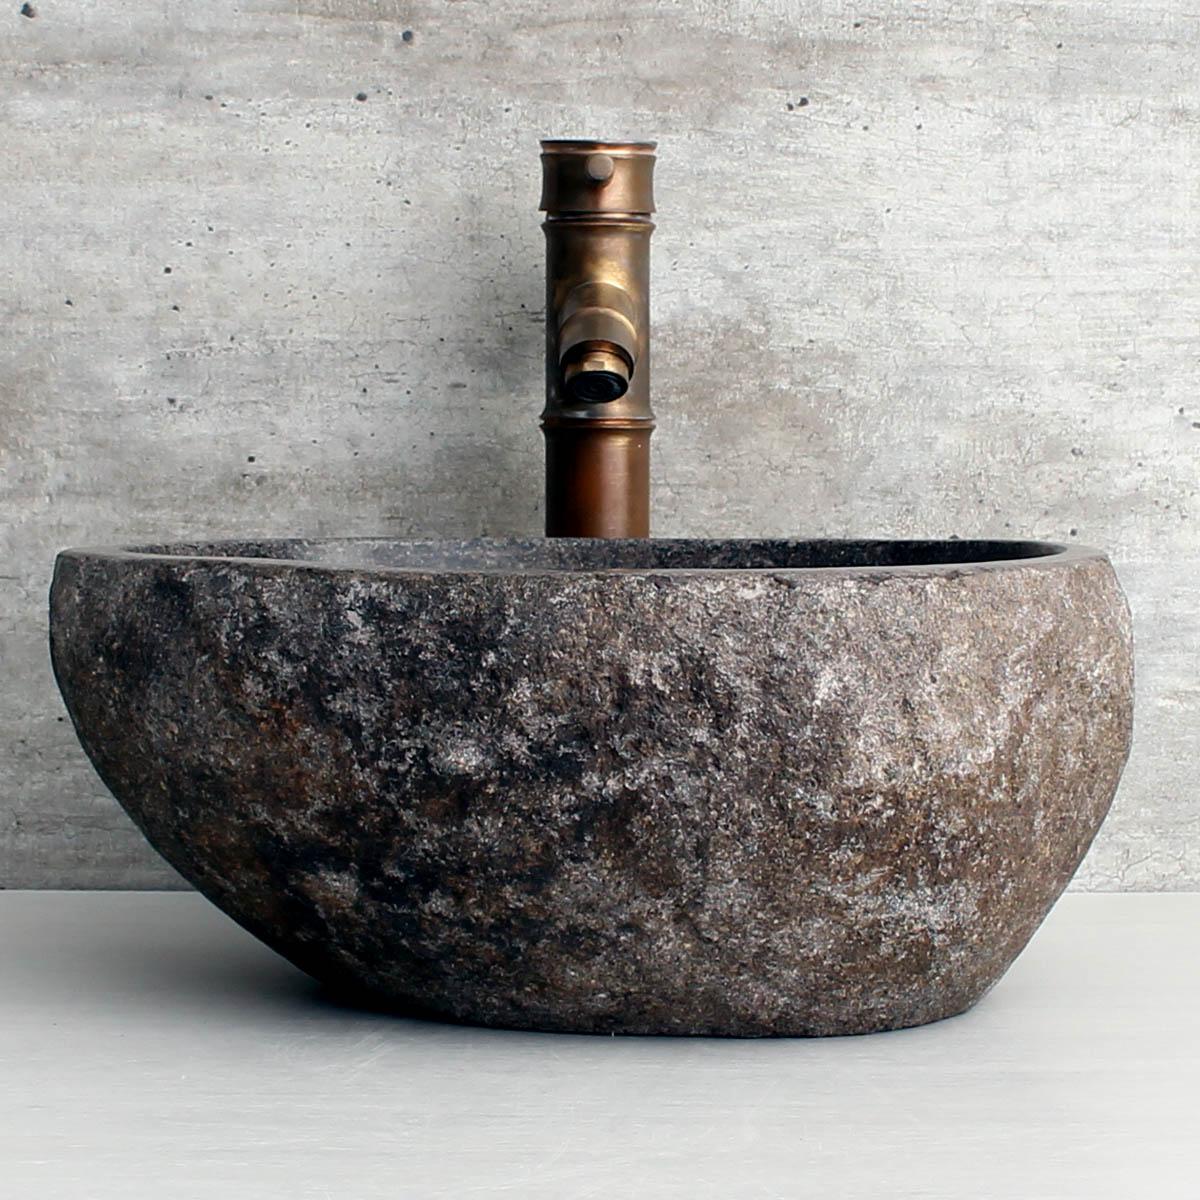 Cuba de Banheiro em Pedra Natural RS1135 36x33x15cm